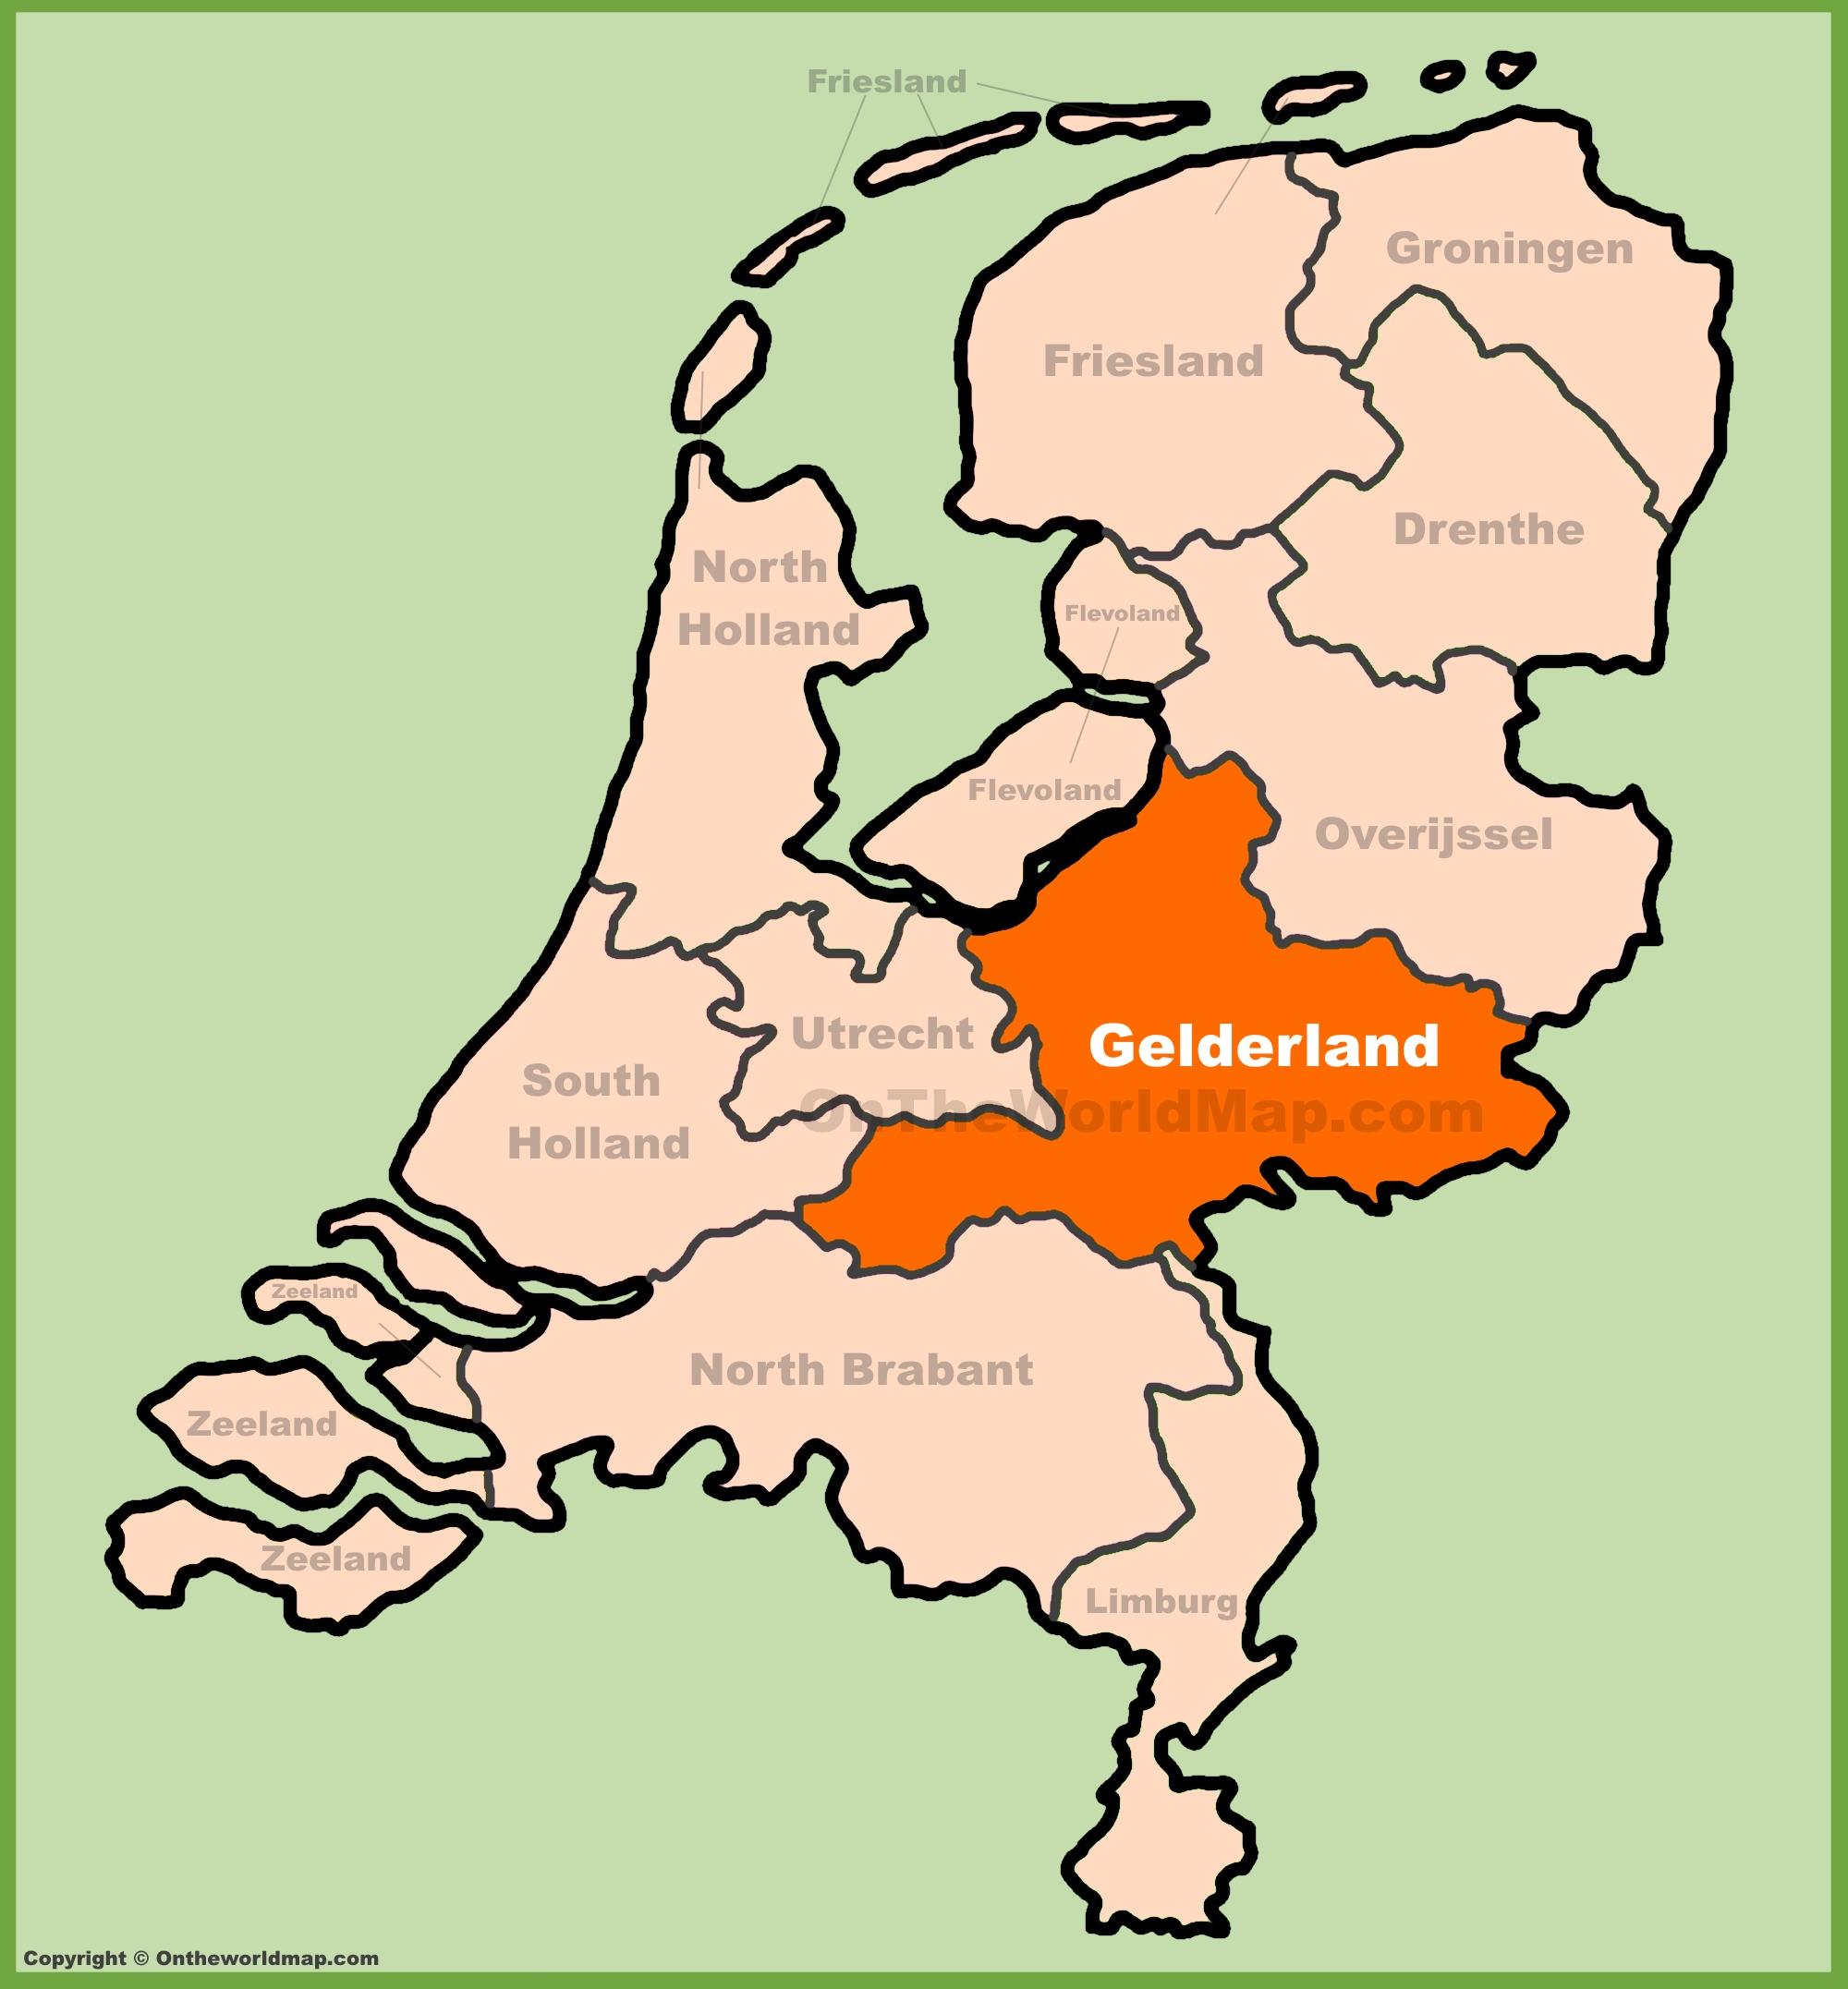 Gelderland location on the Netherlands map